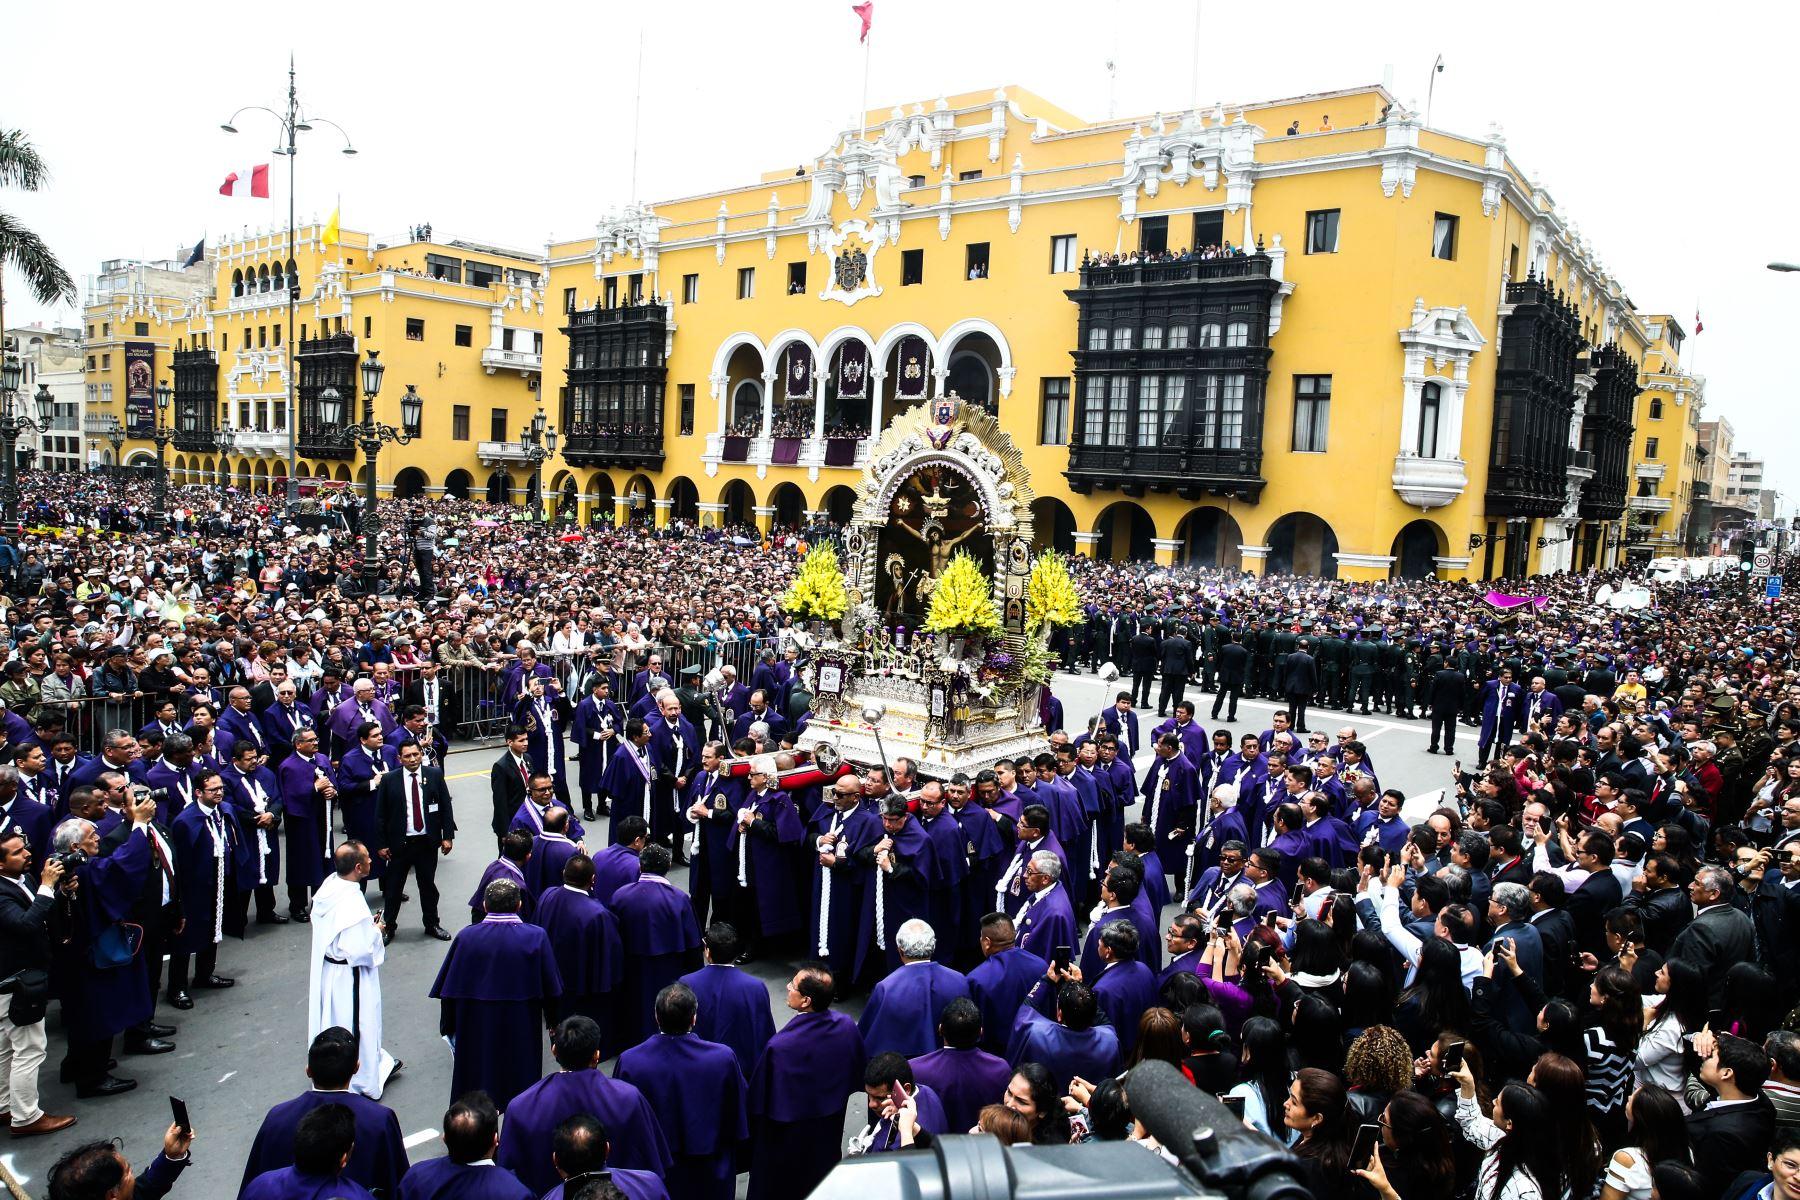 Presidente Vizcarra rindió homenaje a la sagrada imagen del Señor de los Milagros. Foto: ANDINA/Vidal Tarqui